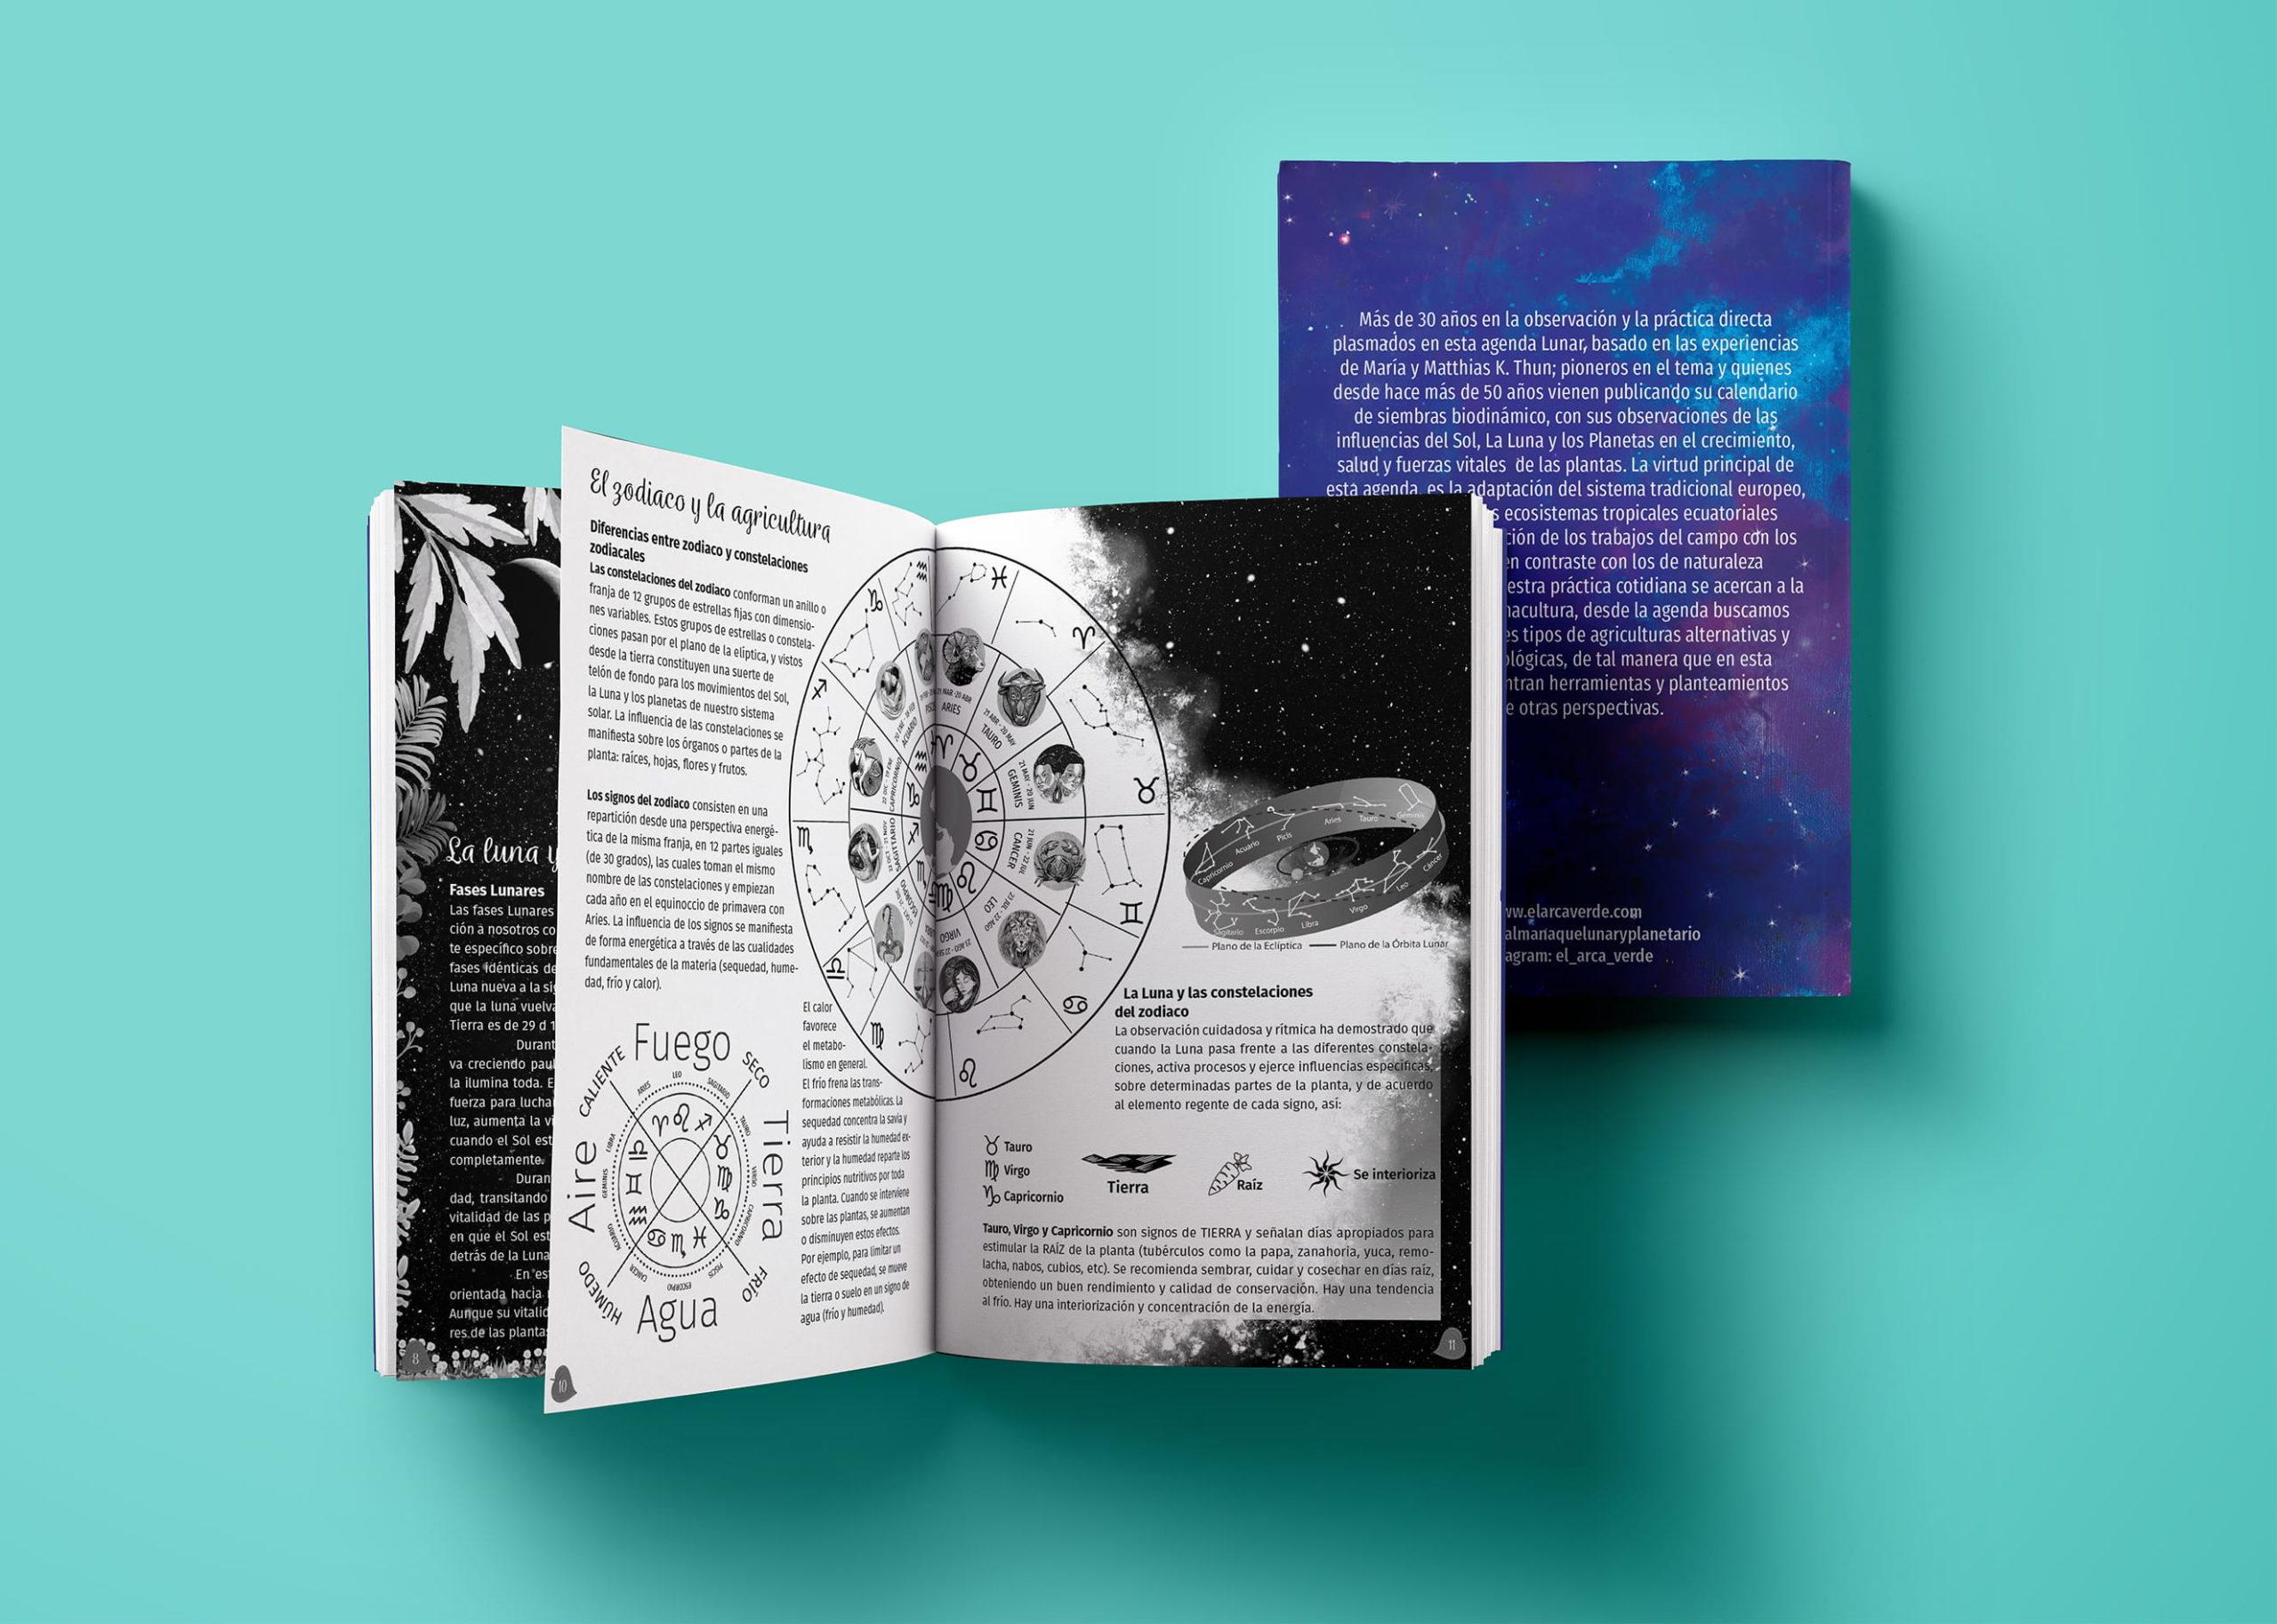 diseno ilustracion Libro agenda el arca verde pagina zodiaco michael contreras cortes scaled - Portafolio